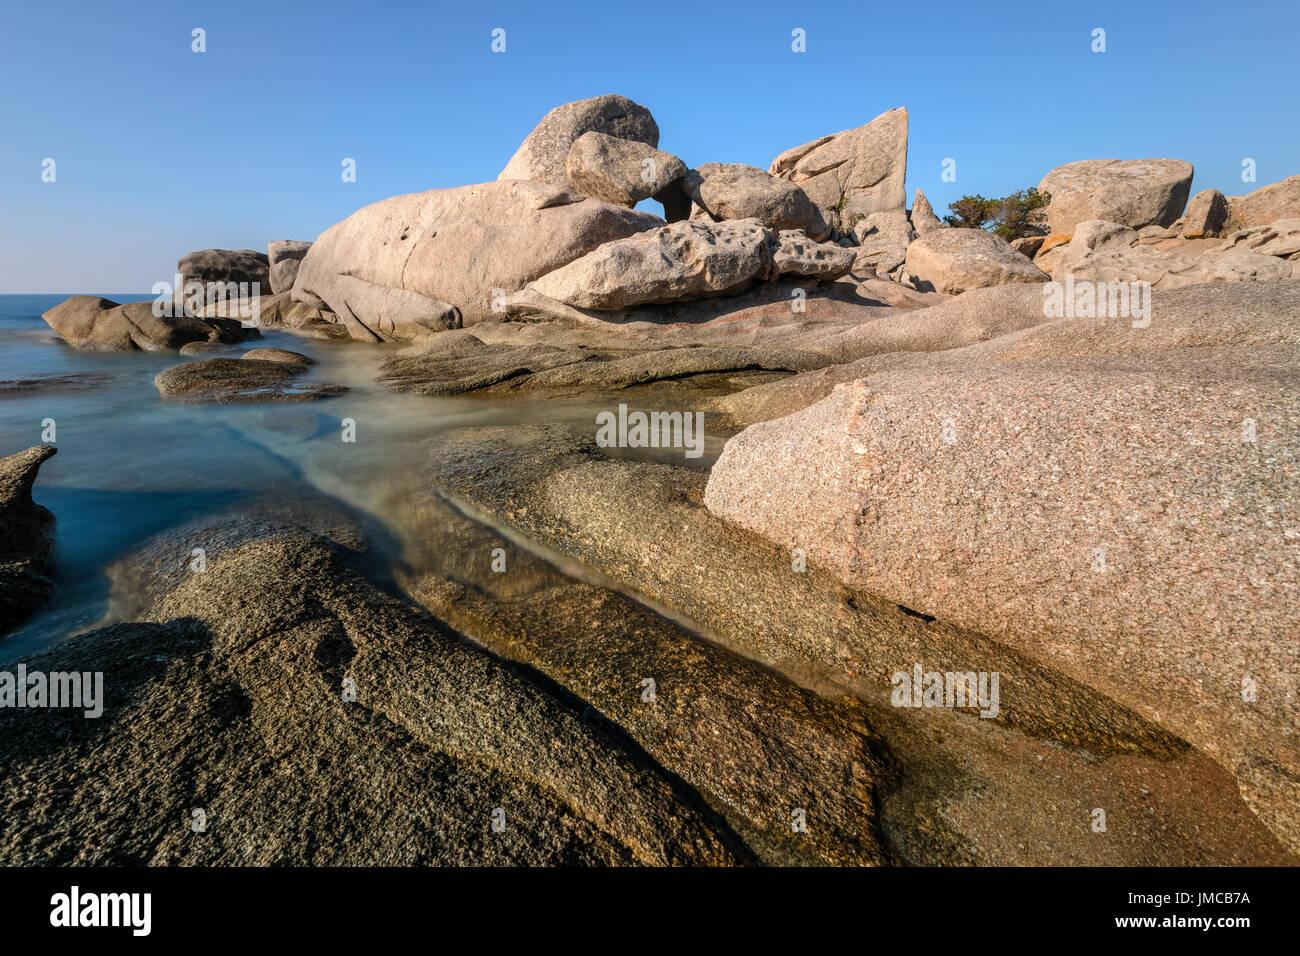 La spiaggia di Palombaggia, Porto-Vecchio, Corsica, Francia Immagini Stock